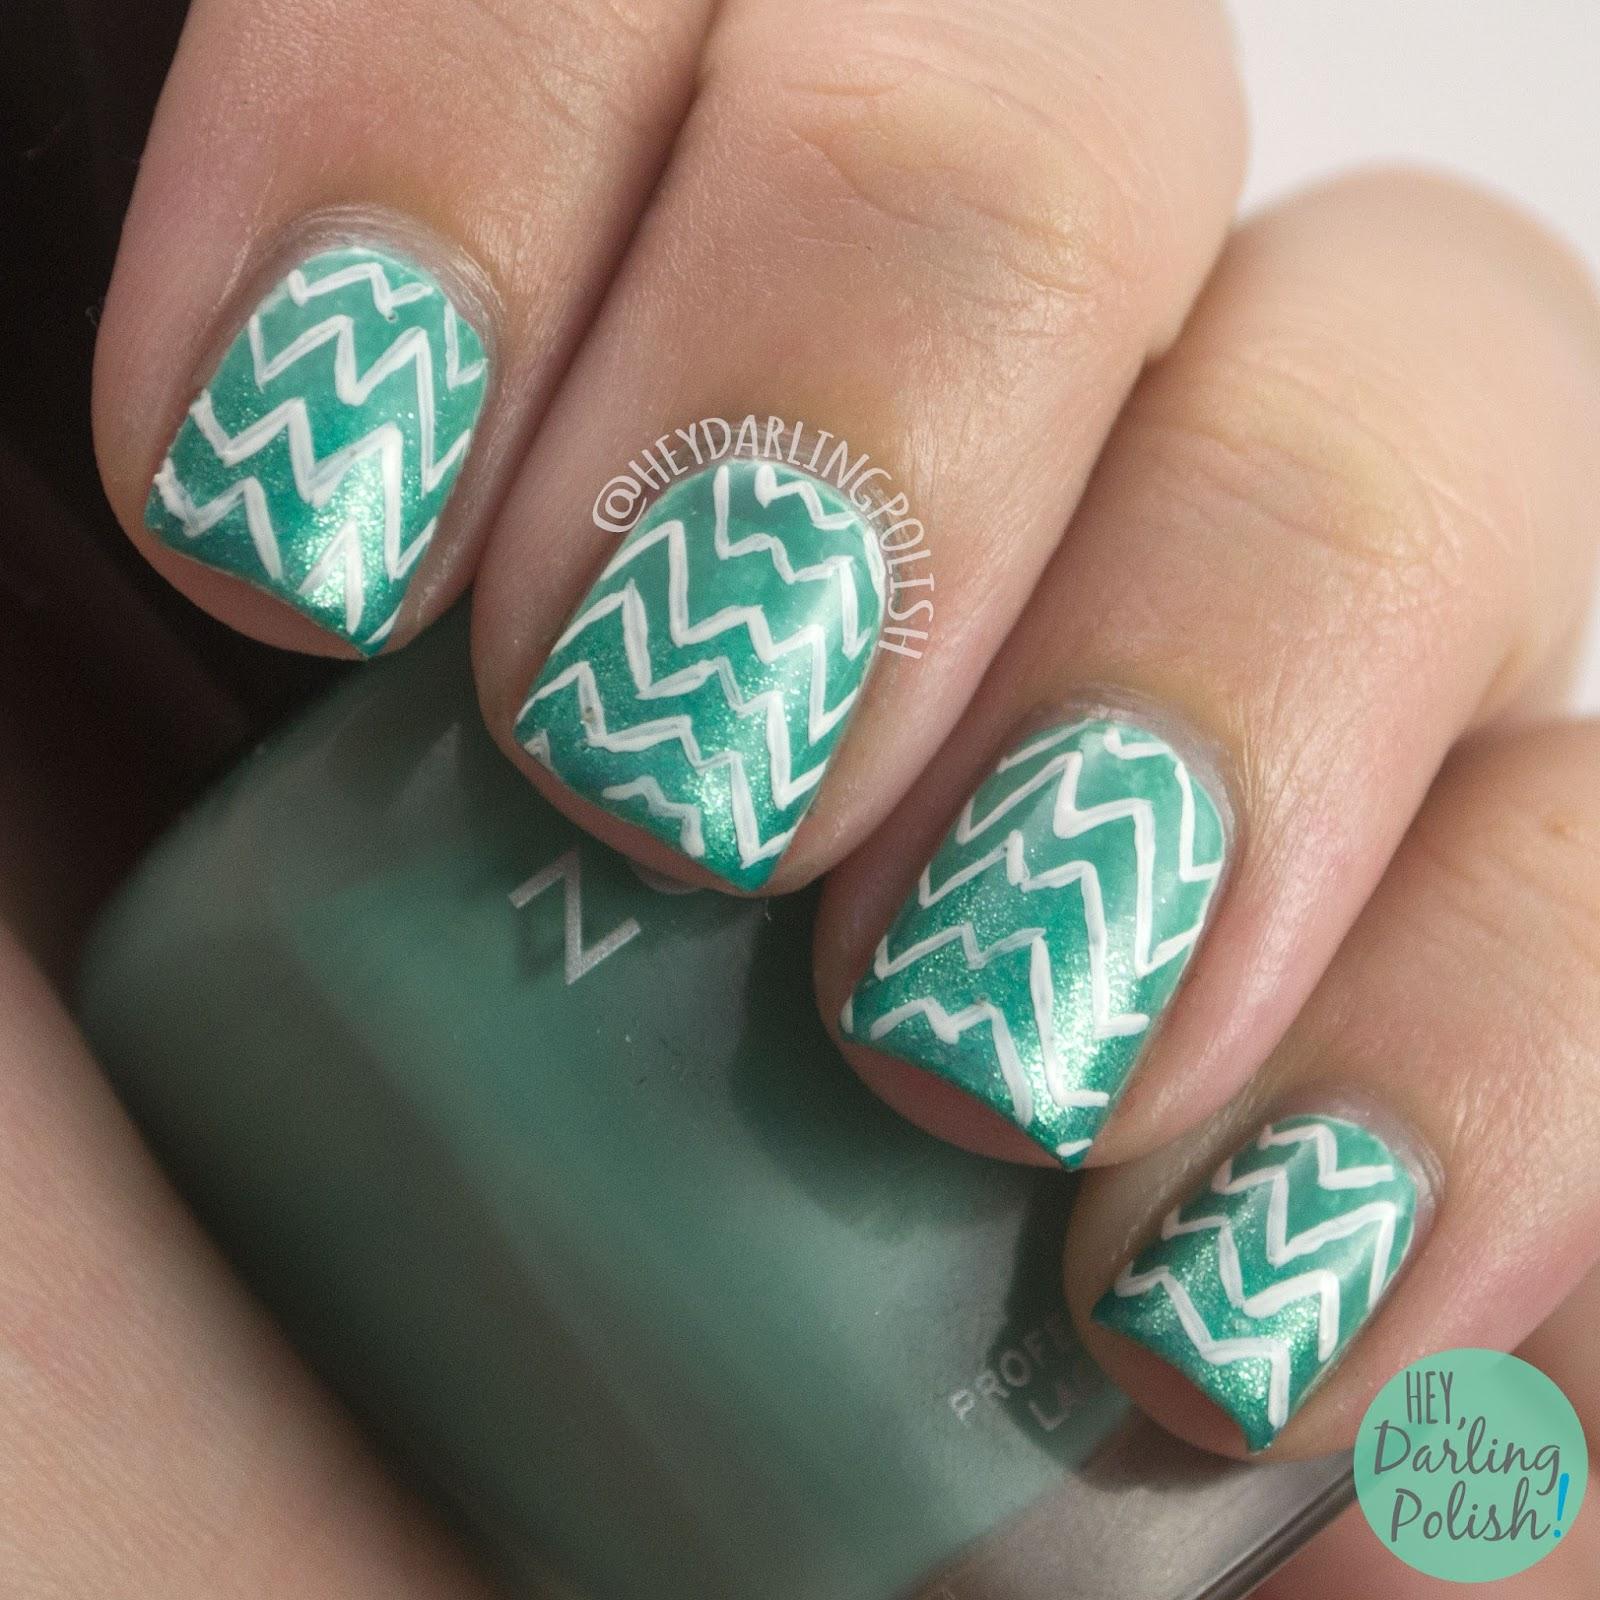 nails, nail art, nail polish, teal, zig zags, 52 Week Challenge, hey darling polish